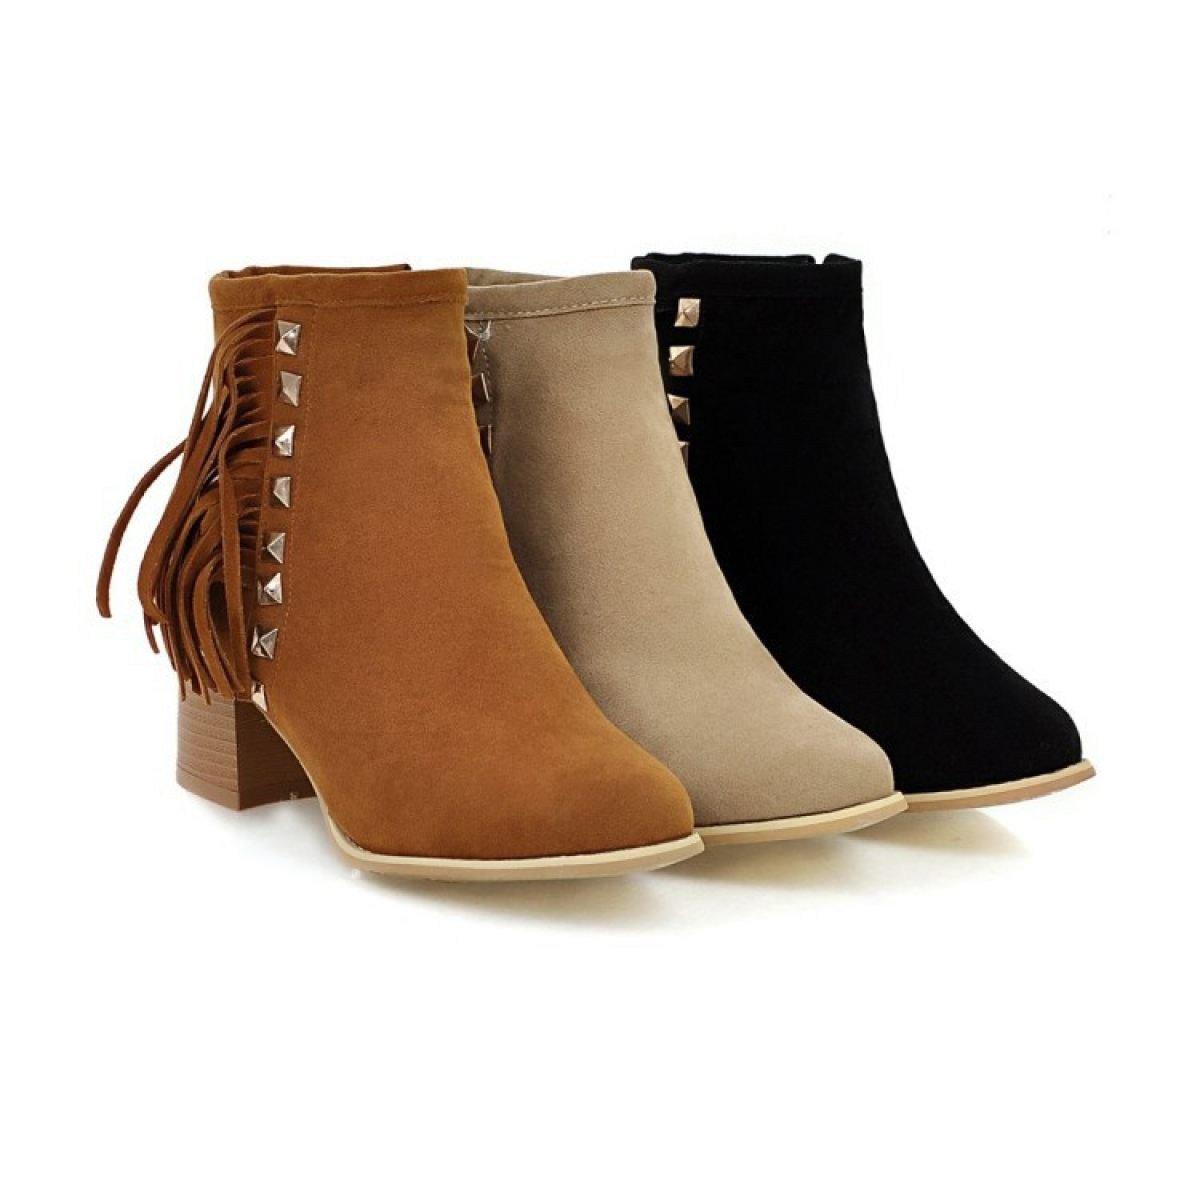 WJNKK Mesdames Chunky Chunky Chunky Block Heel Zipper Bottines Chaussures CasualB076FSHKWNParent 039787